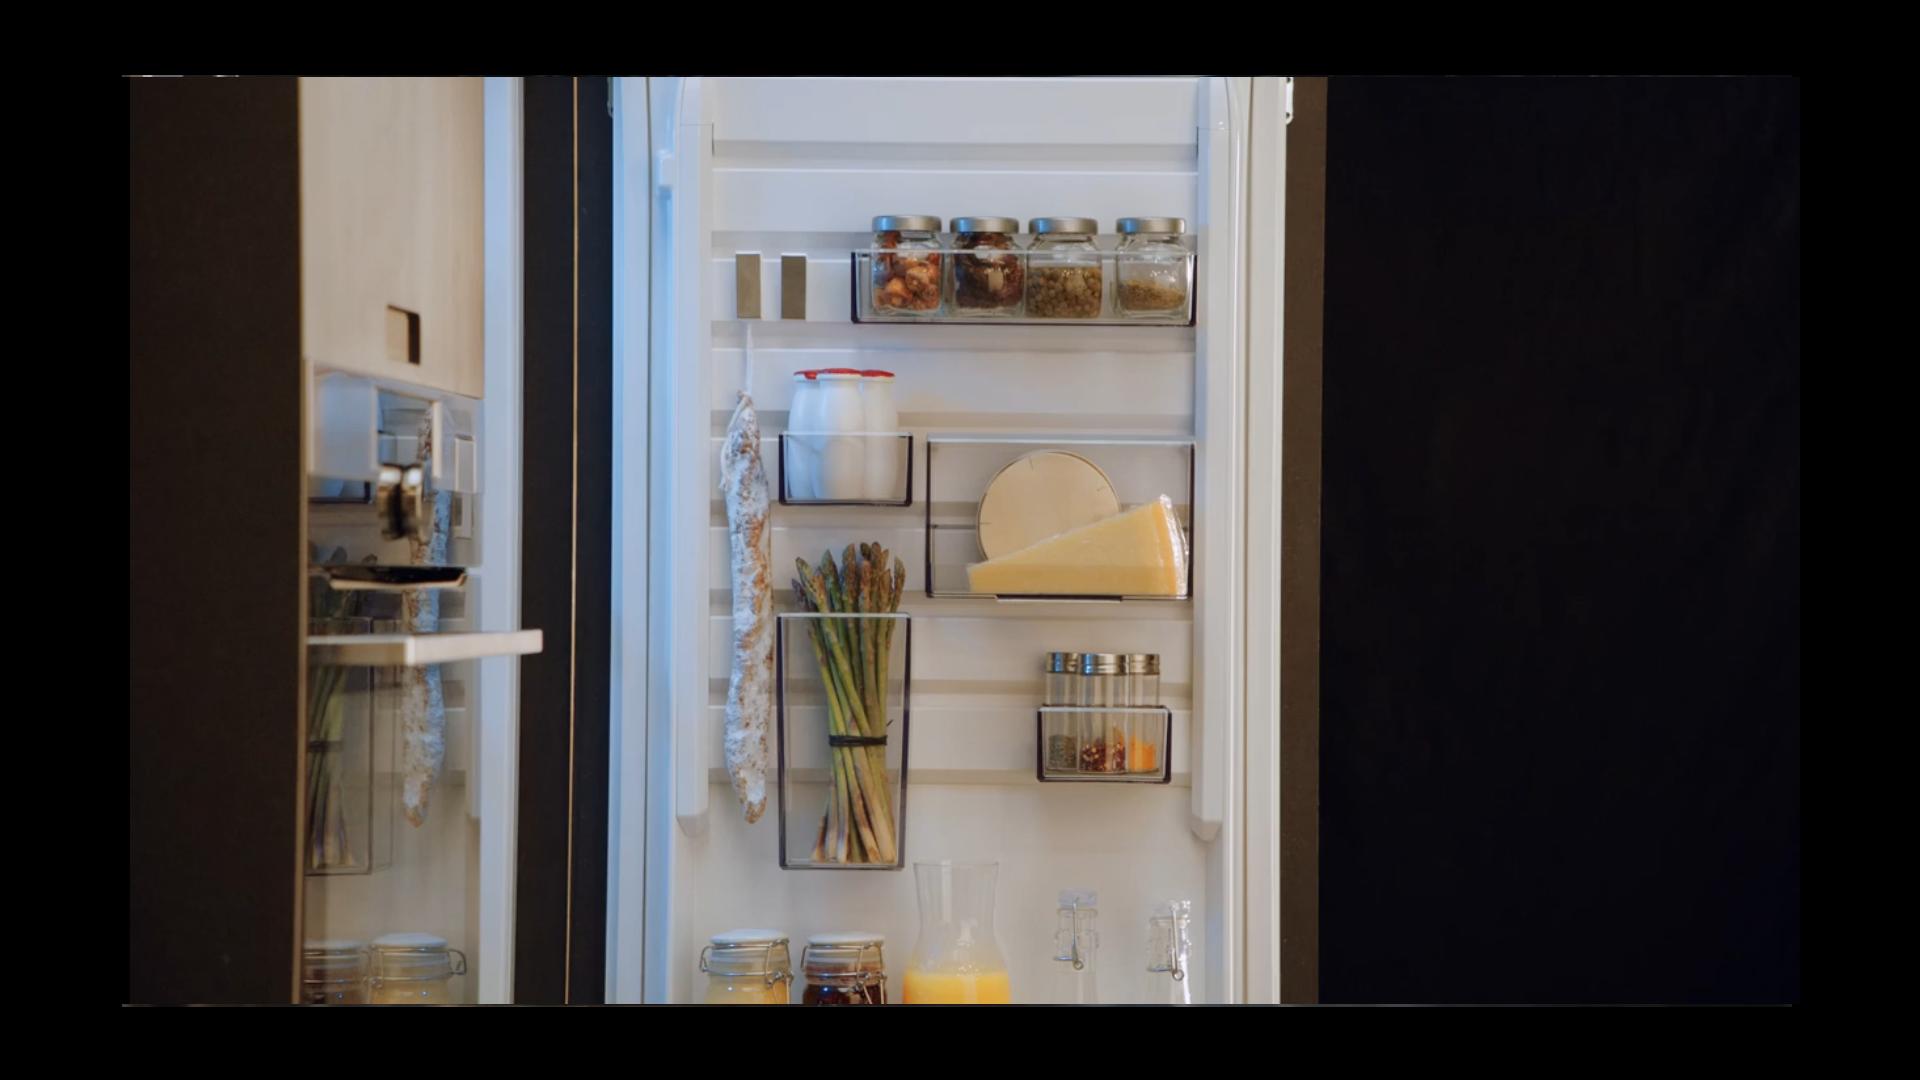 Aeg Kühlschrank Kundendienst : Aeg kühlschrank mit customflex siemens bosch miele